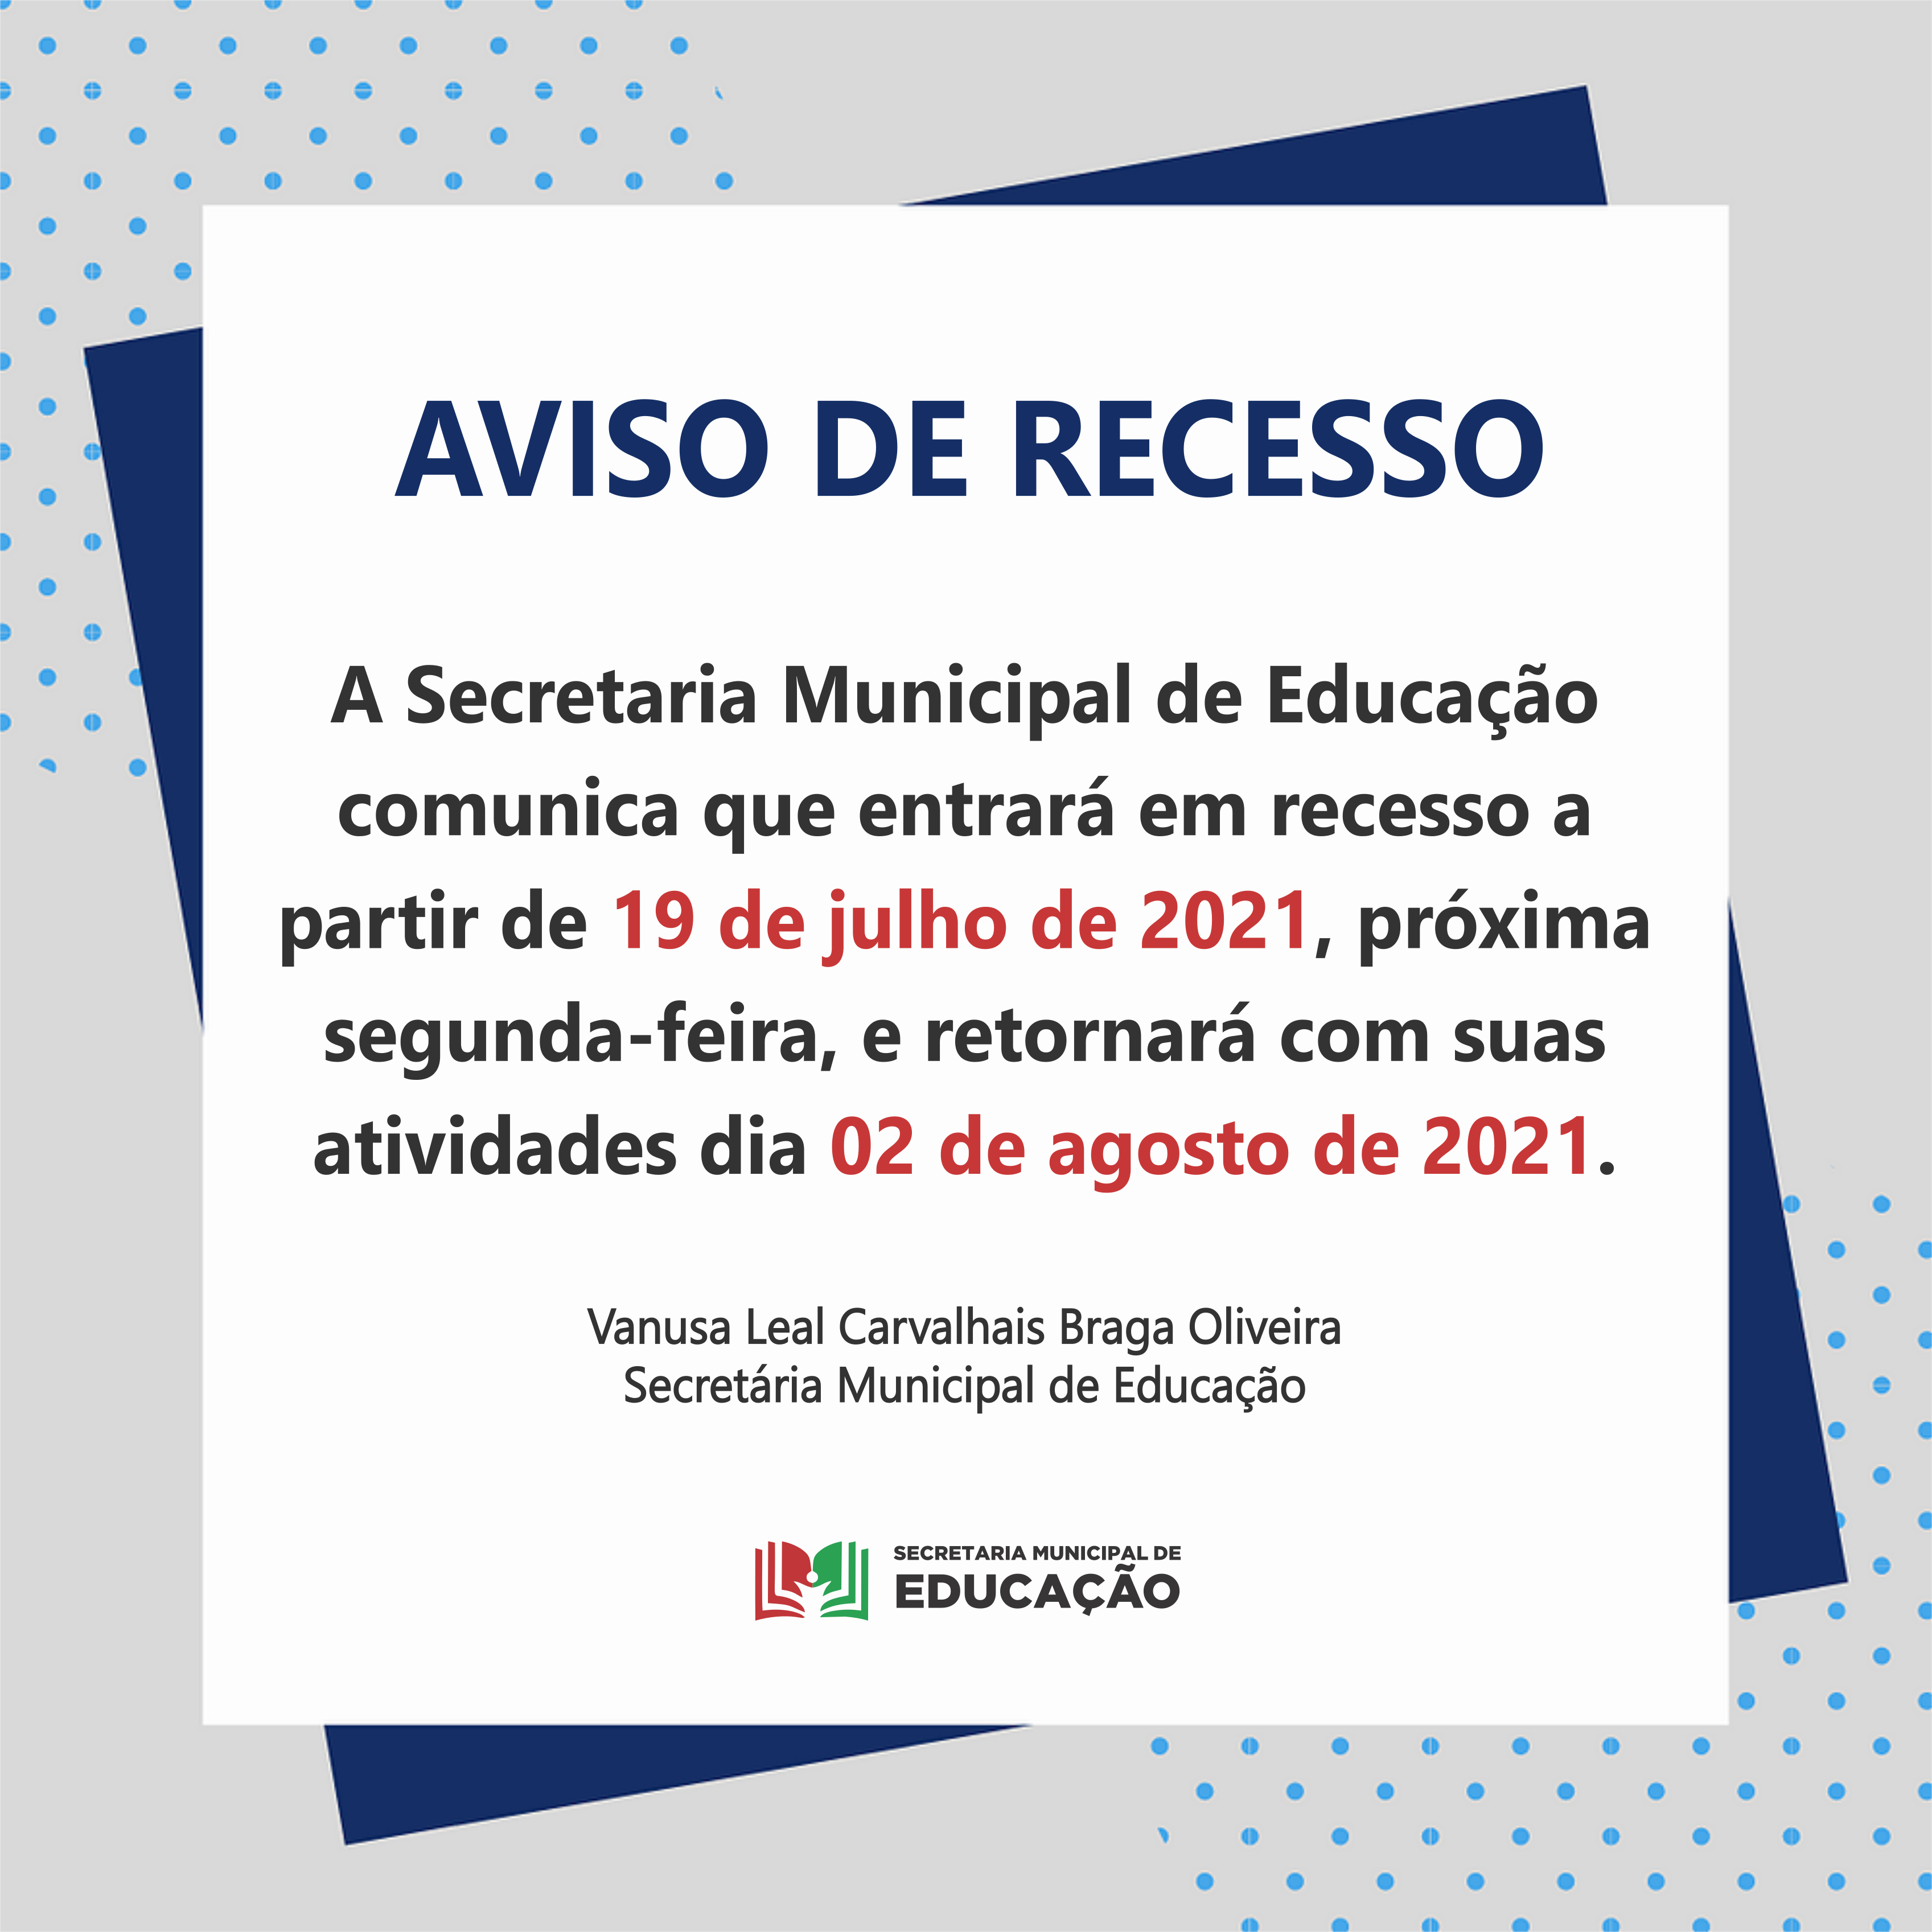 RECESSO DA SECRETARIA EDUCAÇÃO